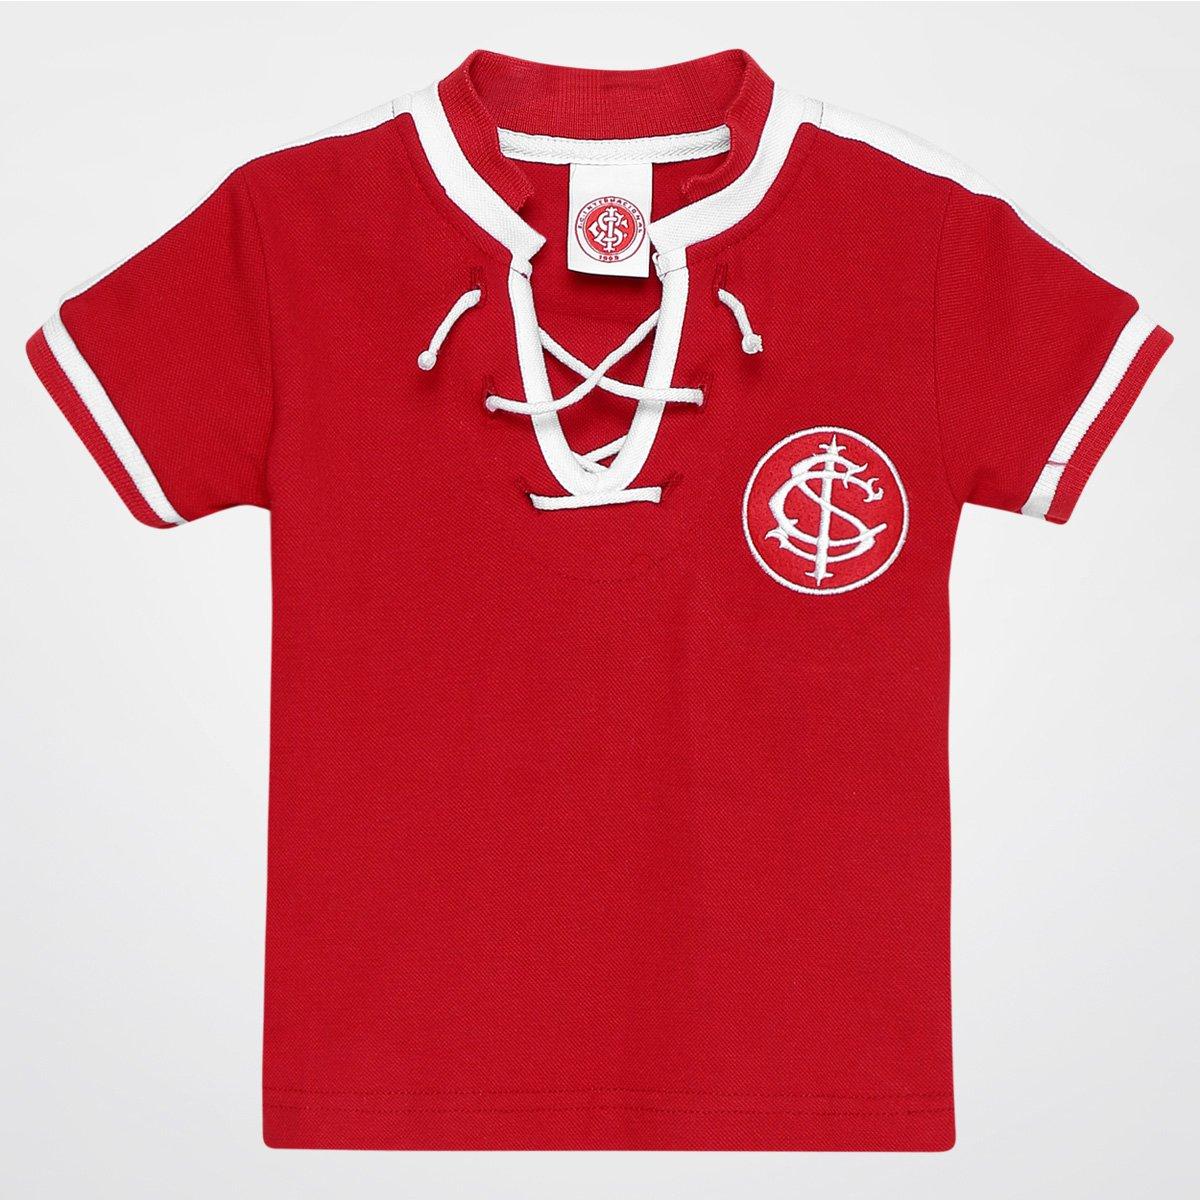 0ea862d6e5c Camiseta Internacional Infantil nº 10 Cordão Edição Especial - Compre Agora